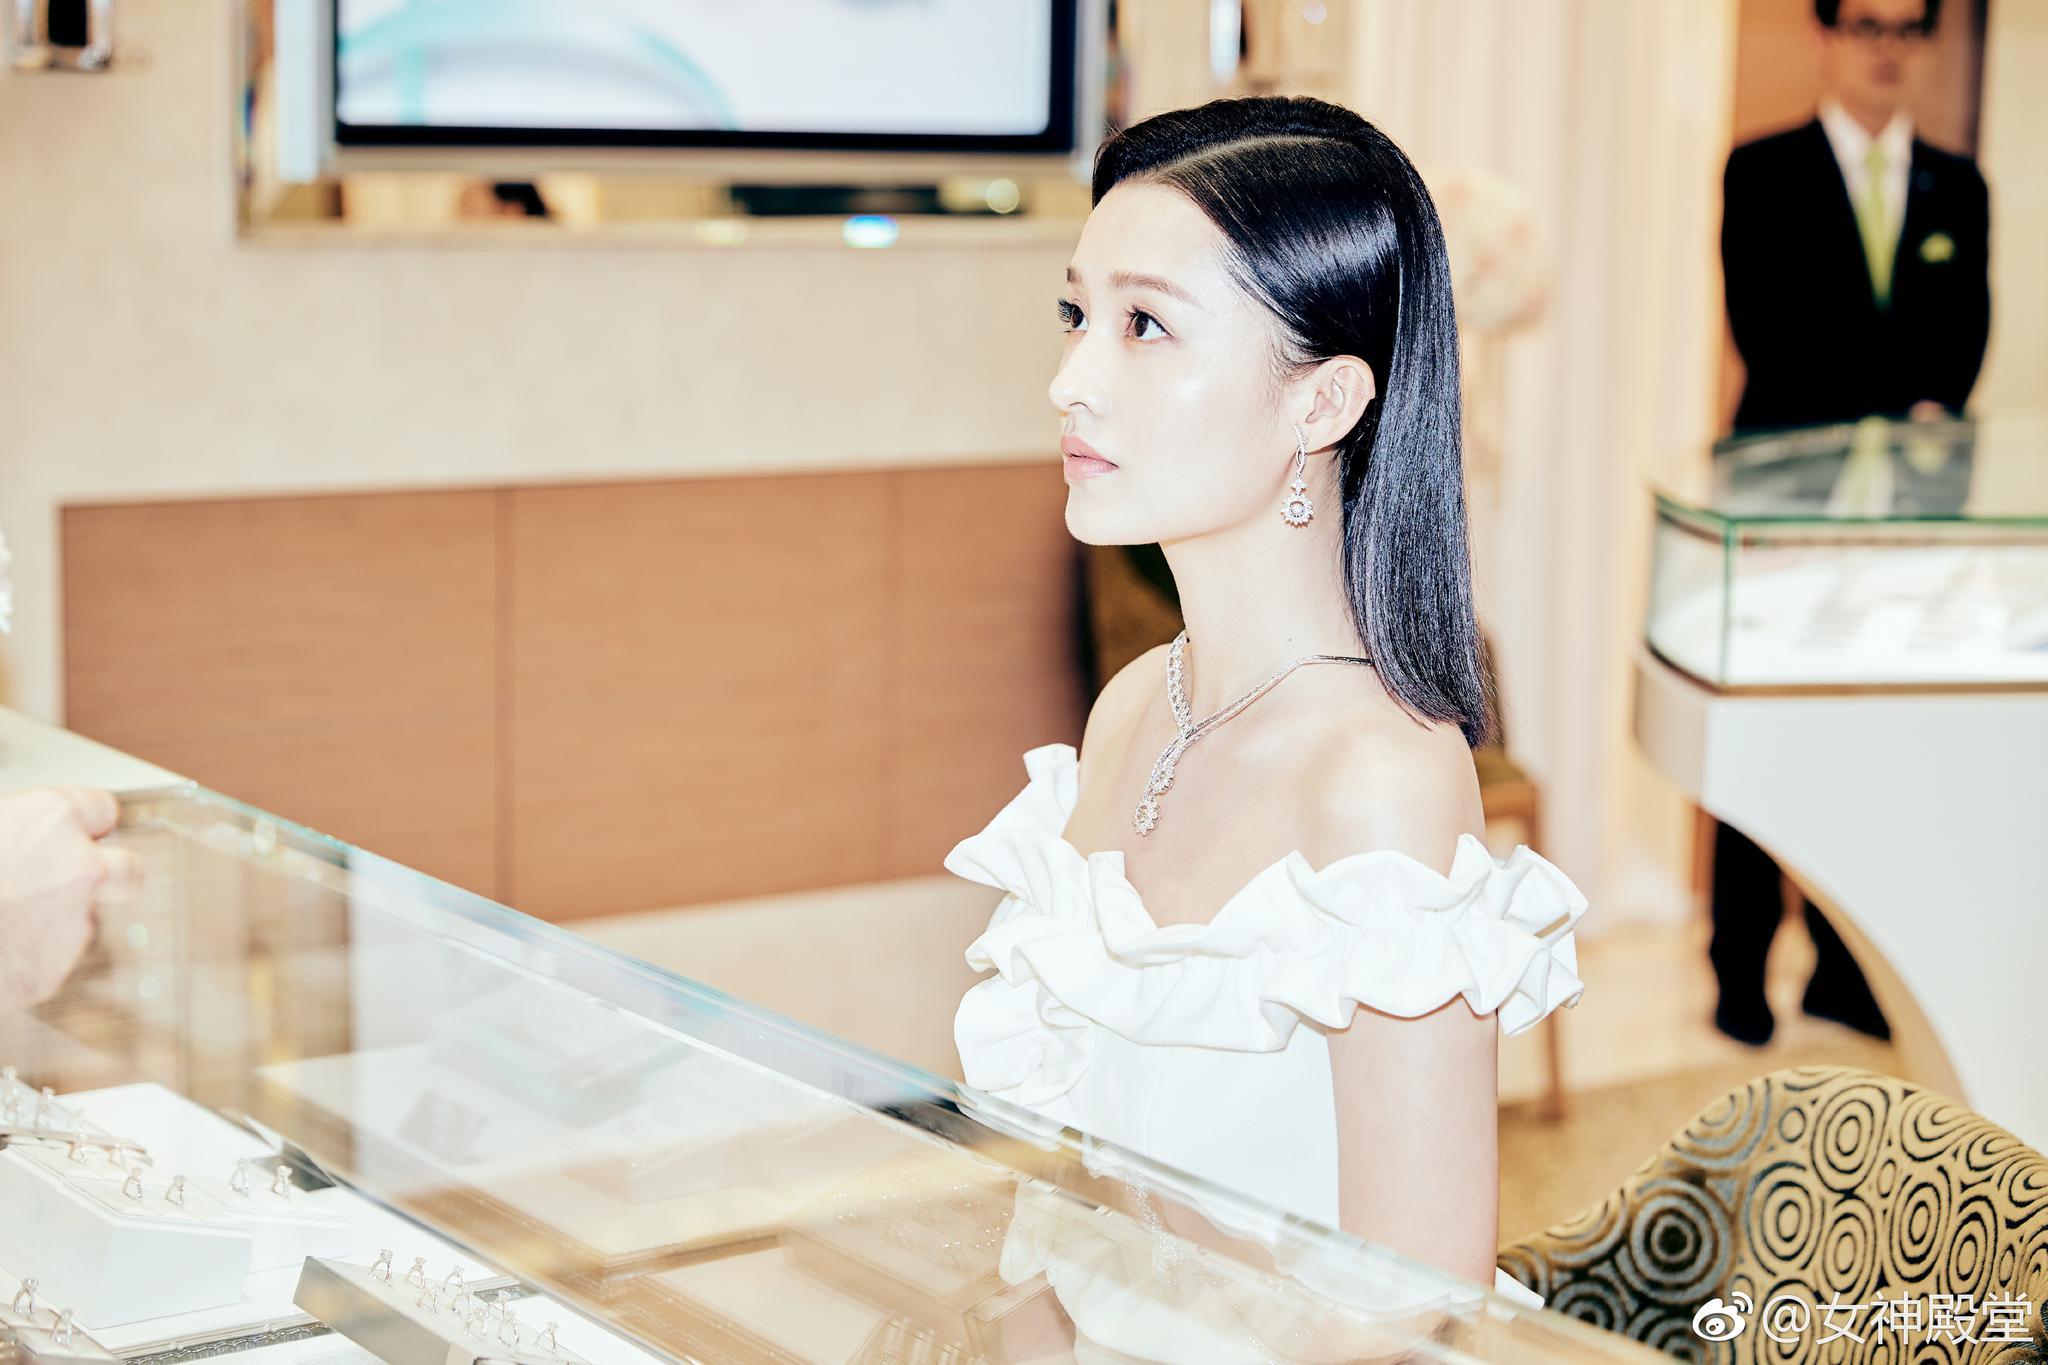 李沁优雅时尚,气质迷人 - 自由 - 北极冰川